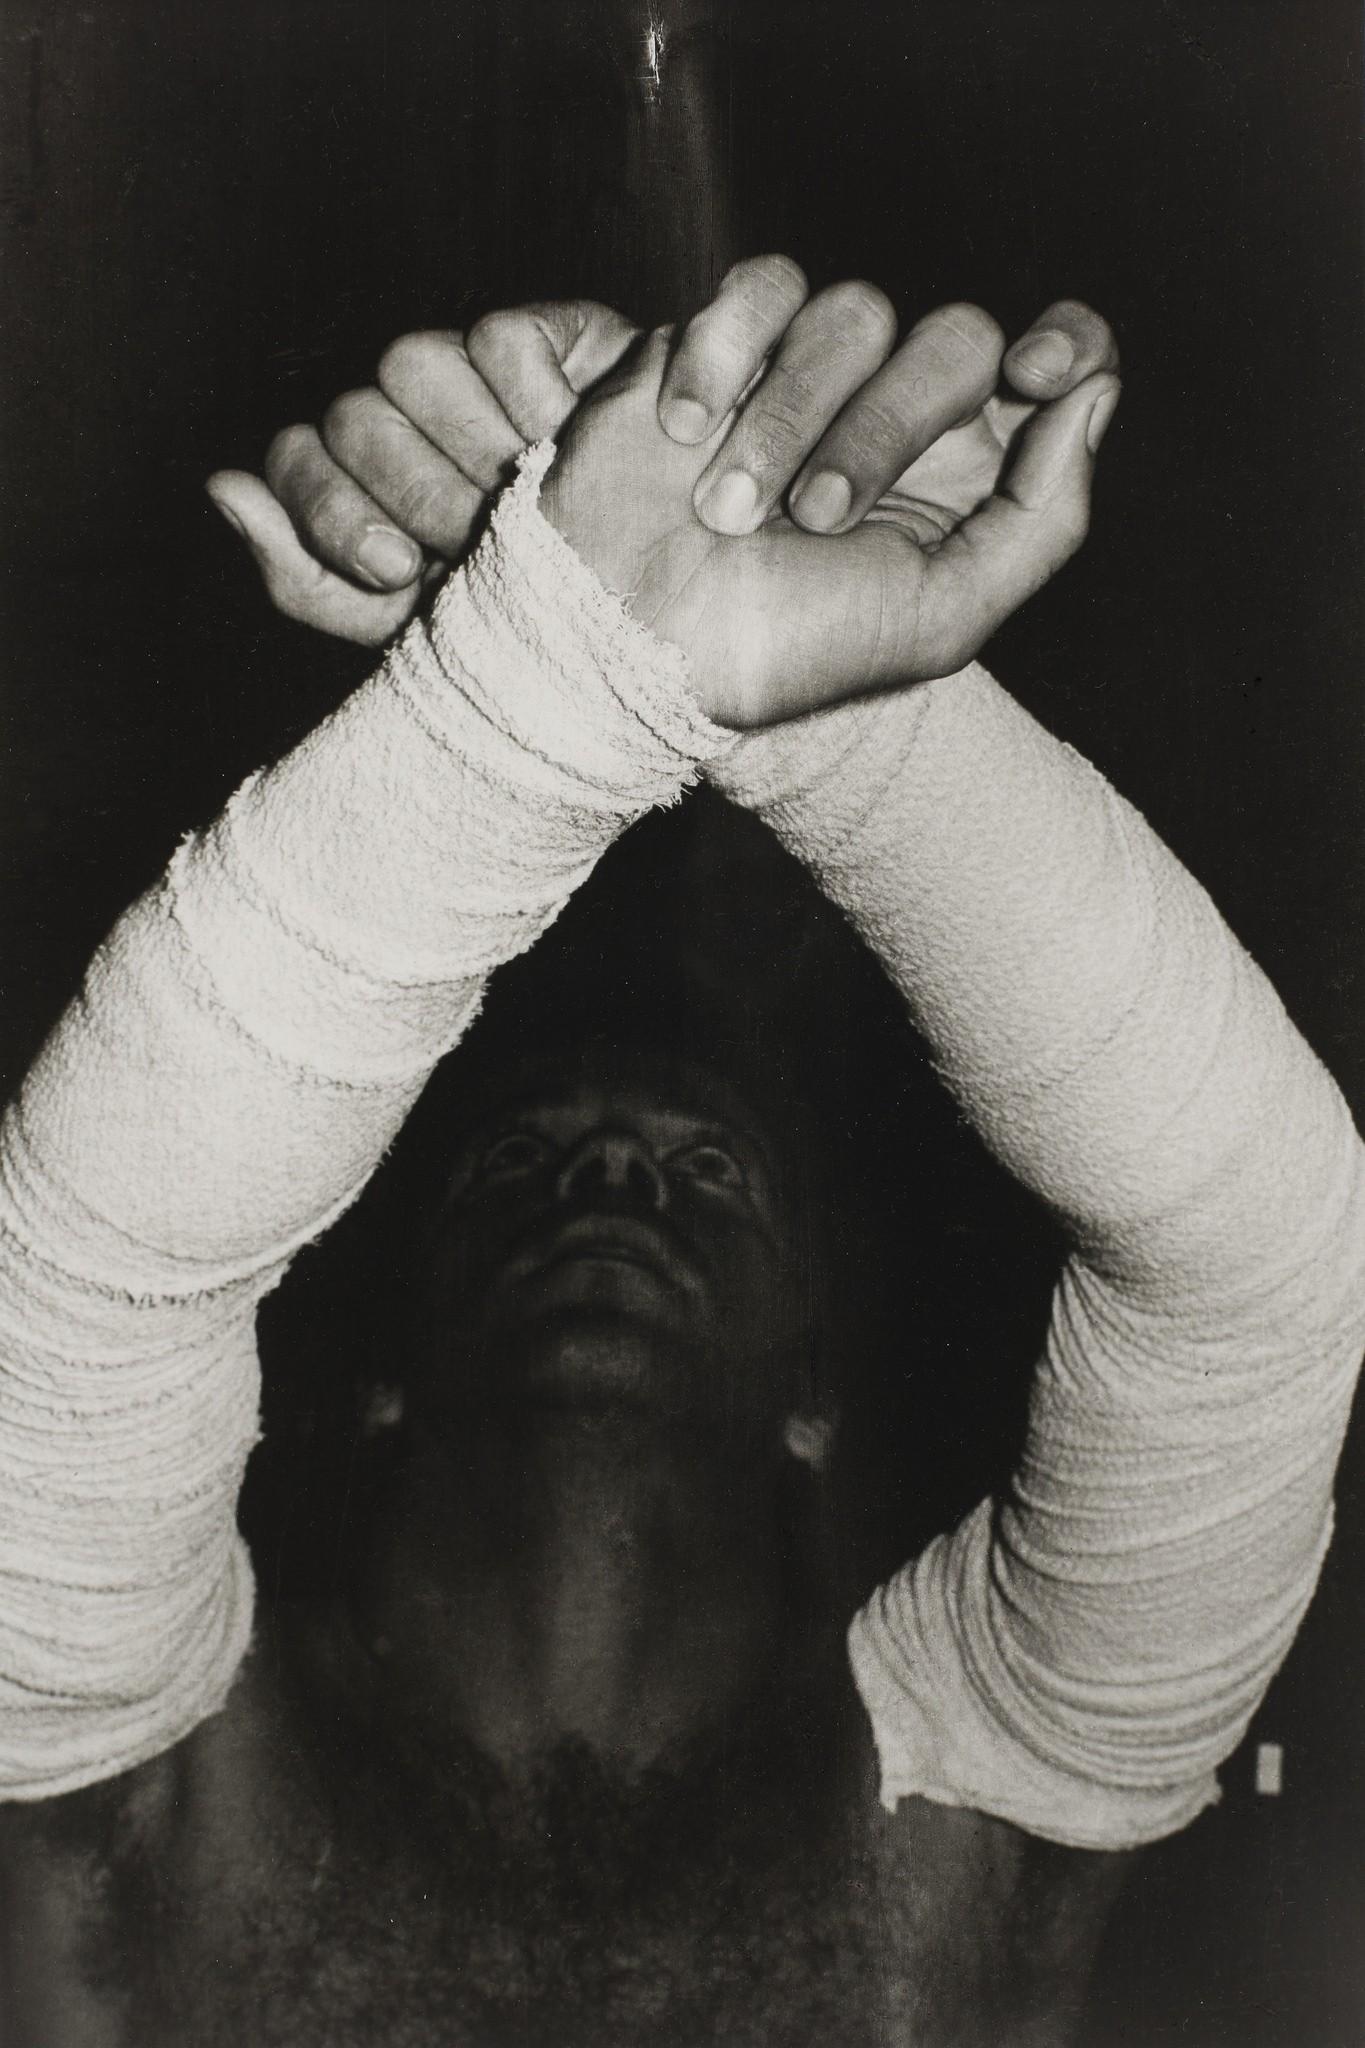 Sem título (Performance com bandagem cirúrgica) #26, de Ivens Machado (Foto: Ivens Machado - Fortes D'Aloia & Gabriel)